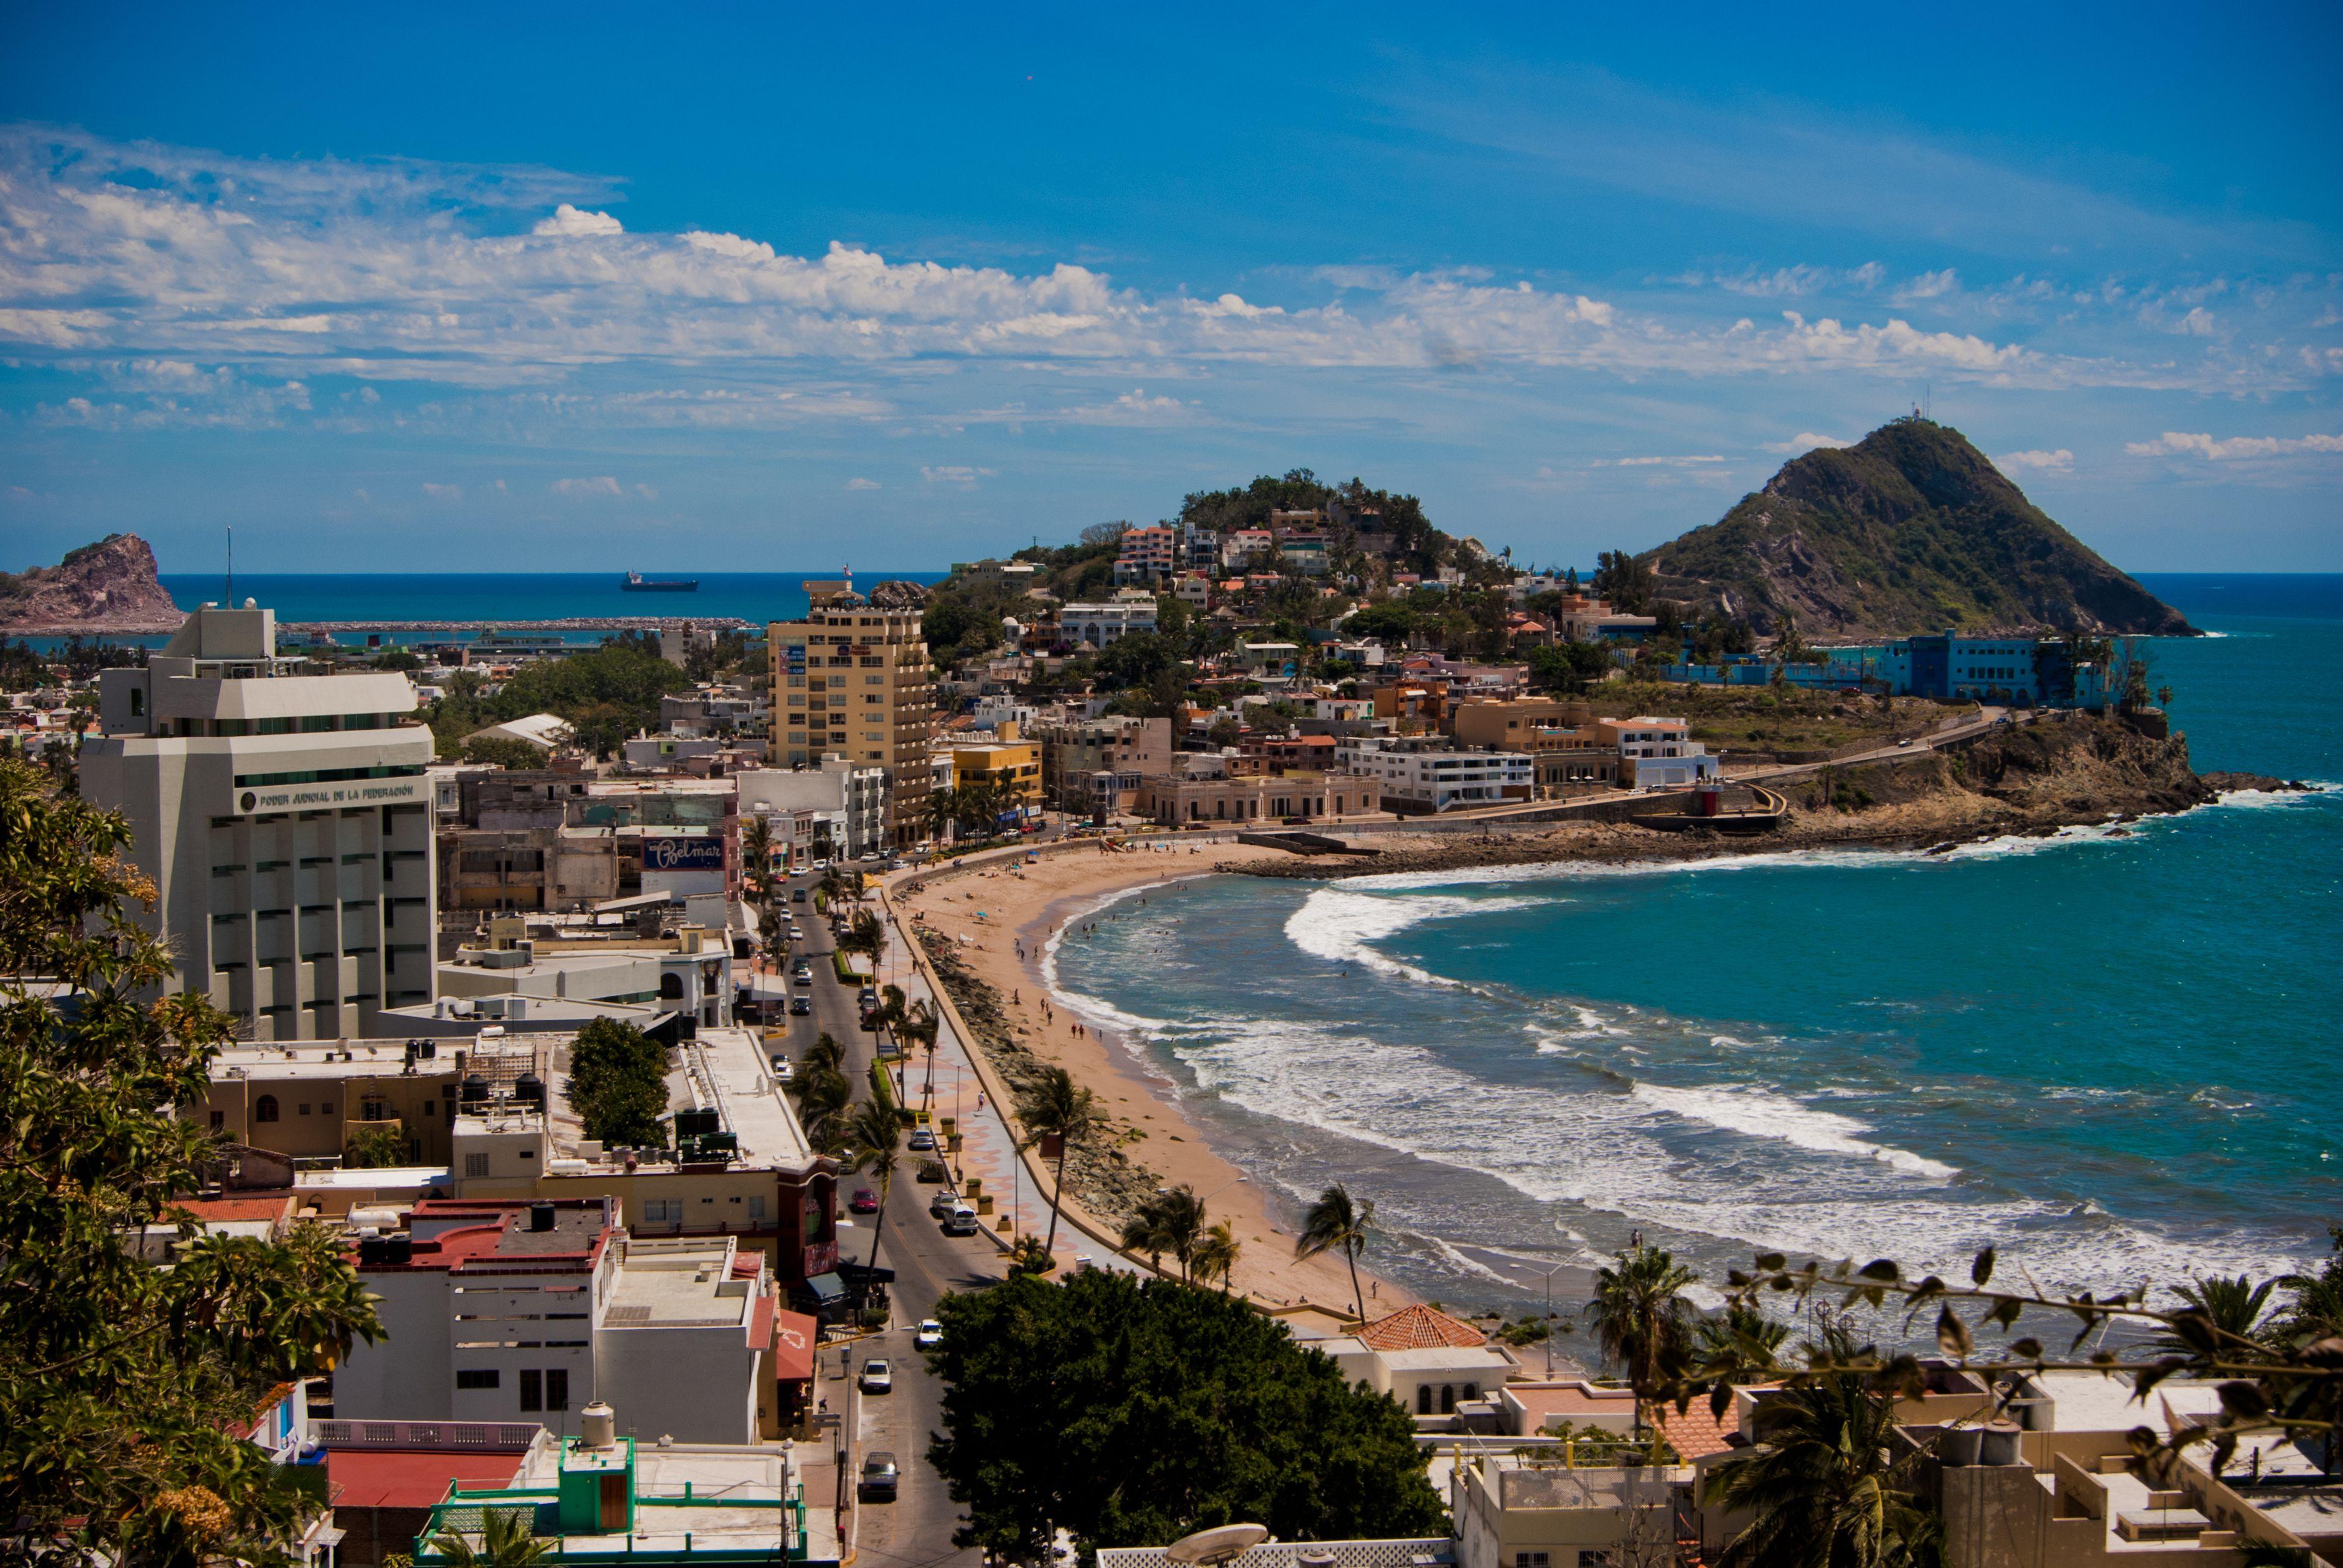 Beach in Mazatlan